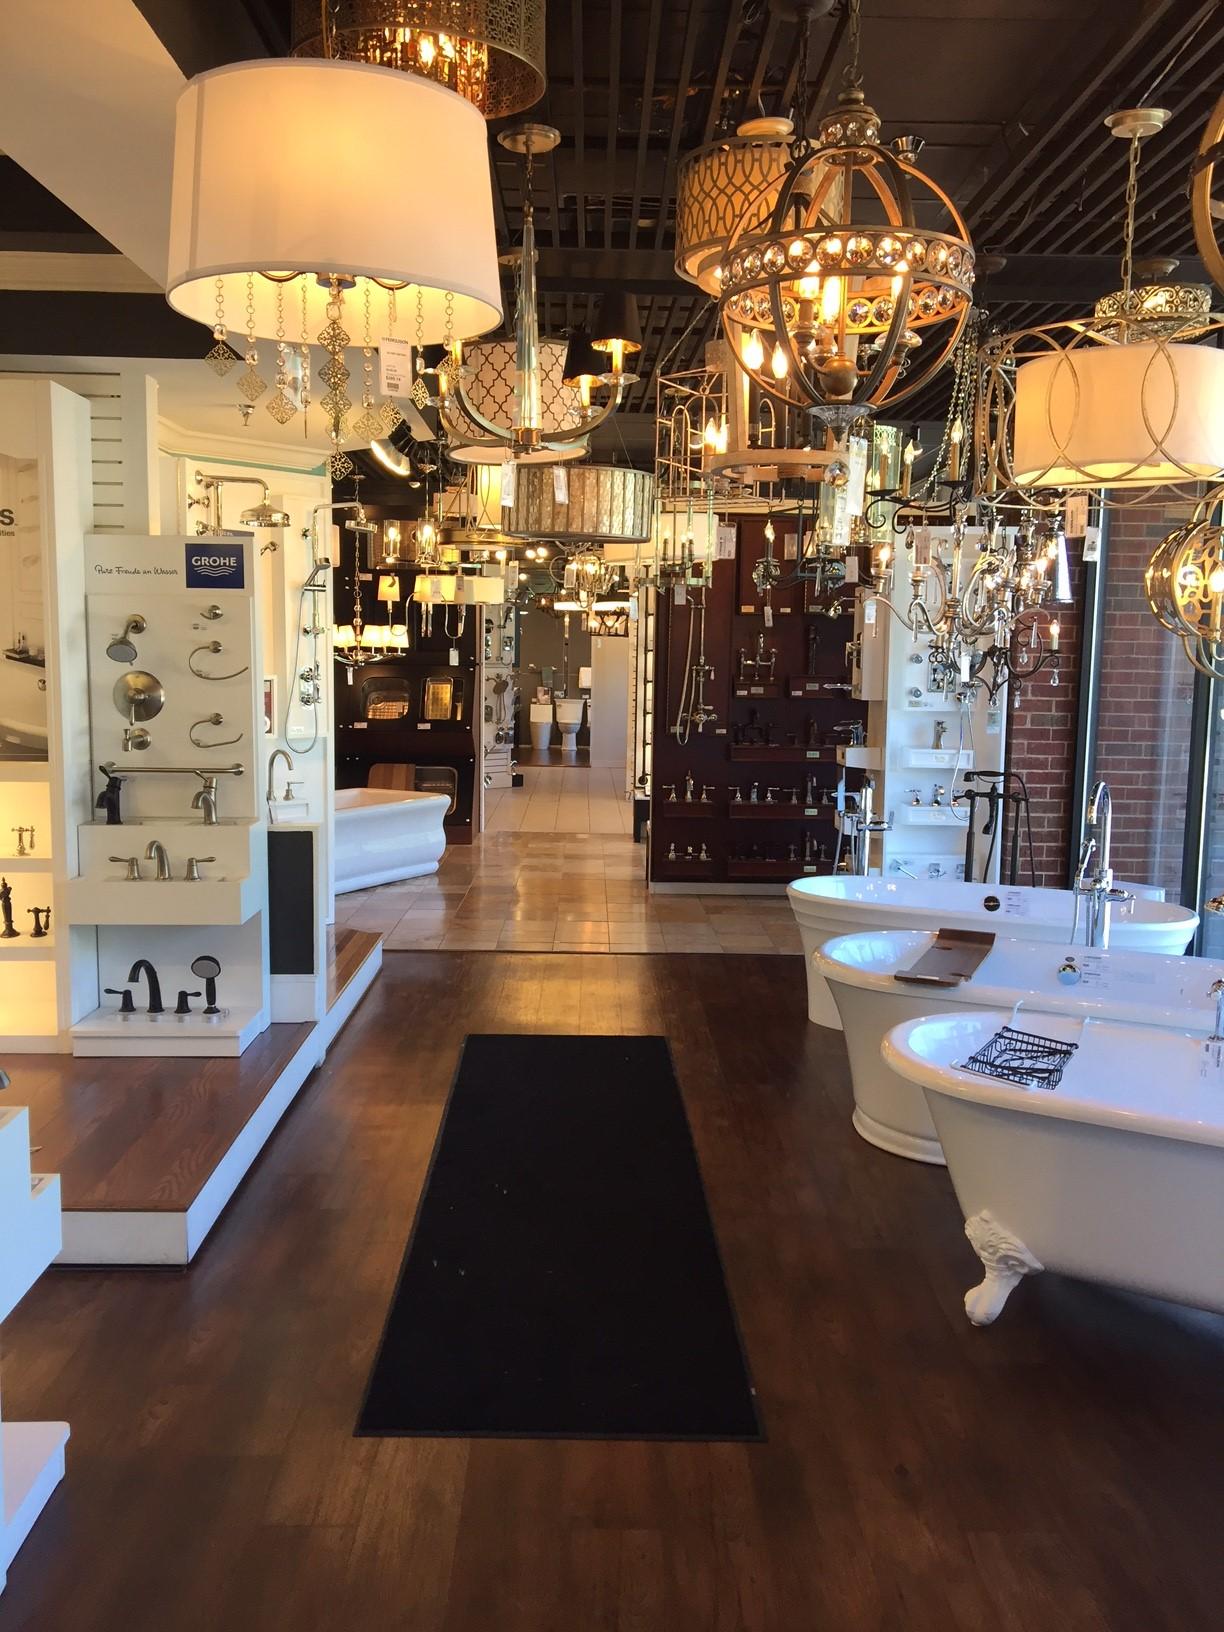 Ferguson's plumbing, lighting, and appliance showroom in Alpharetta